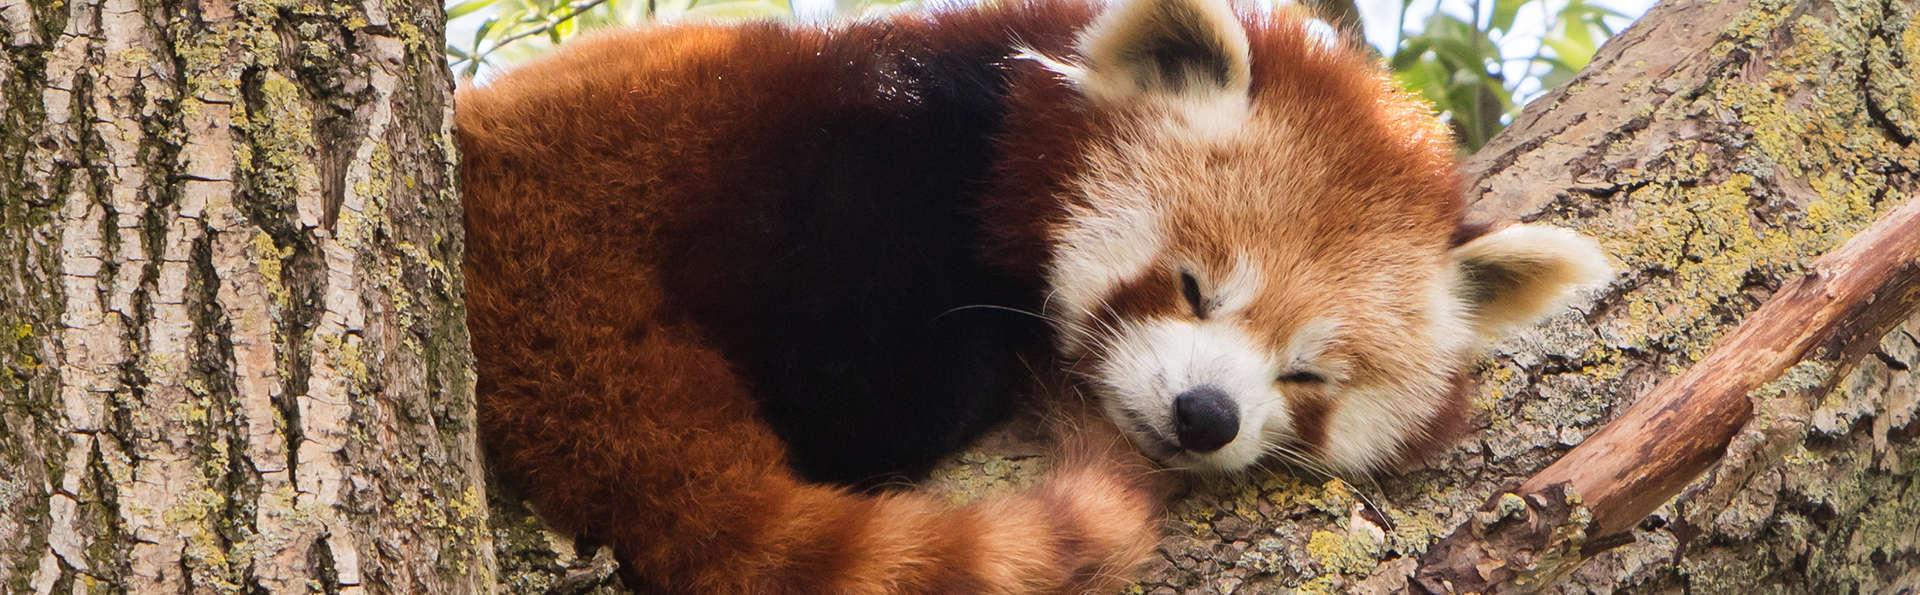 Découvrez le zoo d'Aix-la-Chapelle en famille